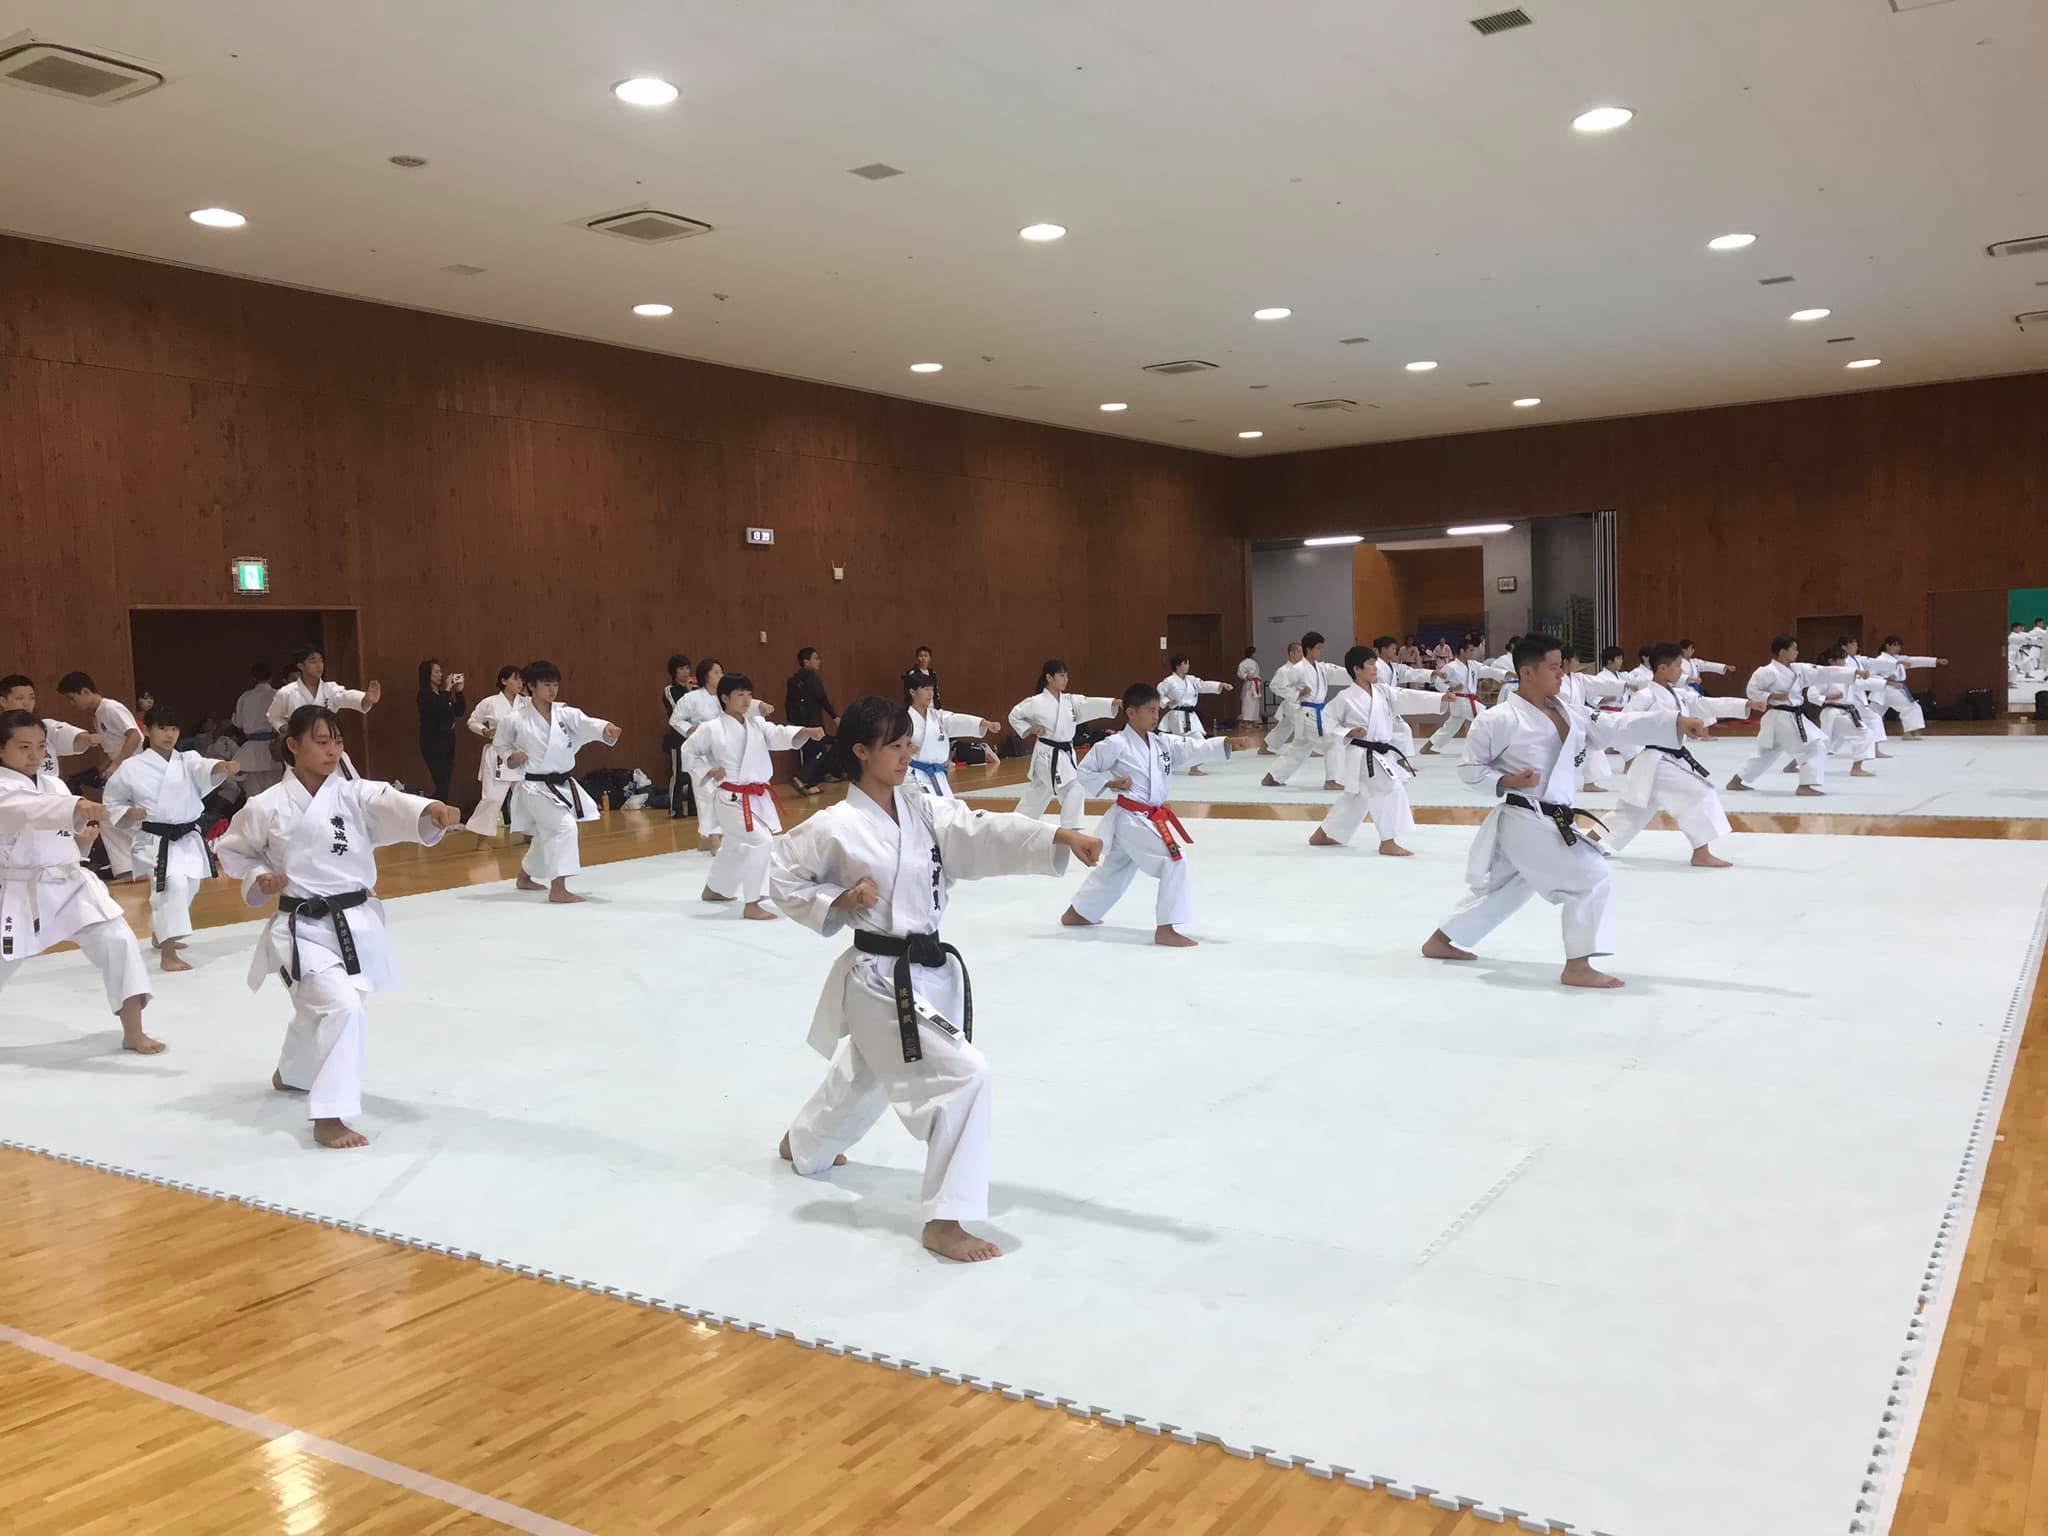 第1回パンダ杯全国高等学校空手道形競技錬成大会_e0238098_15412559.jpg